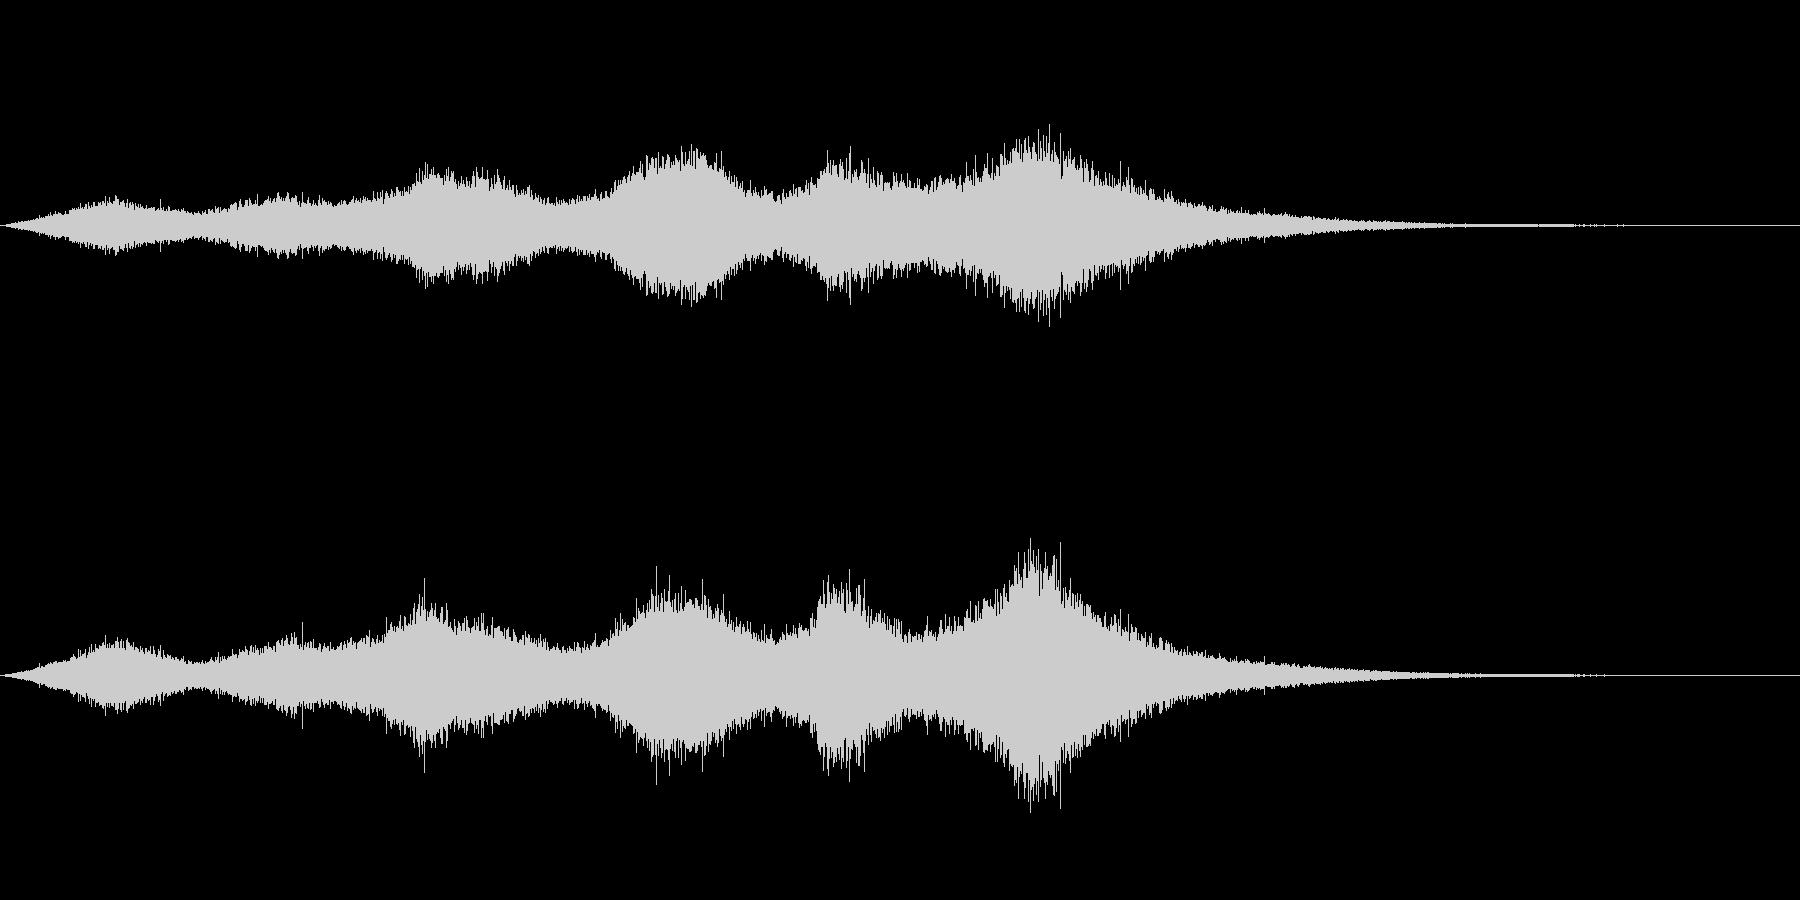 「ザザ〜ッサブ〜ン」大海原の大波のSEの未再生の波形